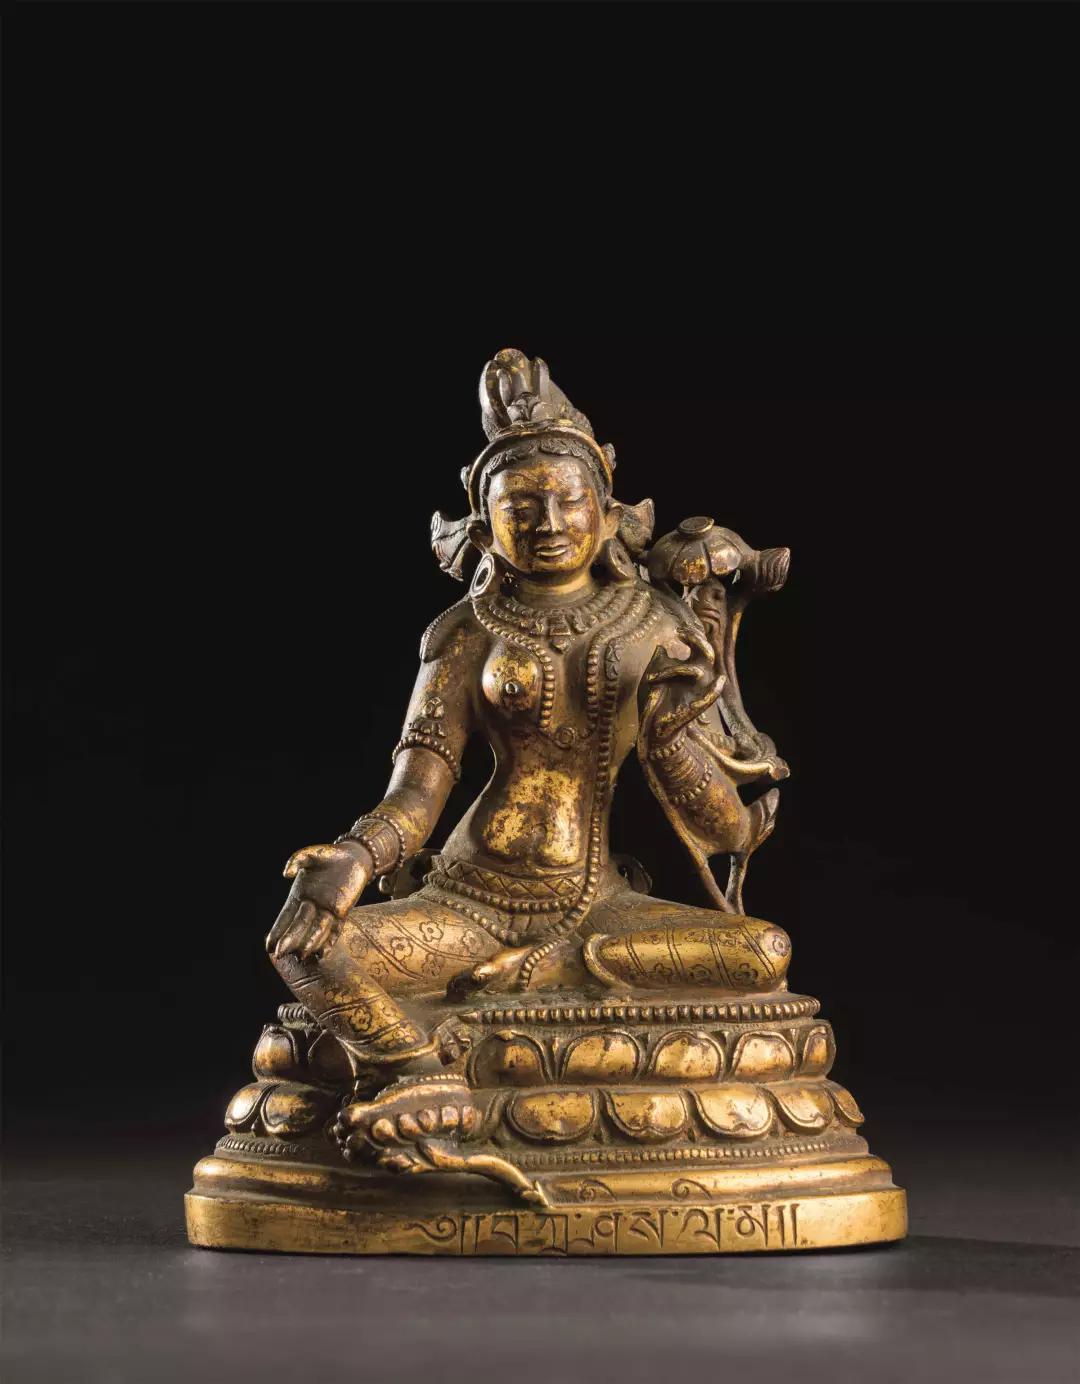 Lot 0275 唐代-五代(618-960) 蜜色瓷莲瓣碗 盏托